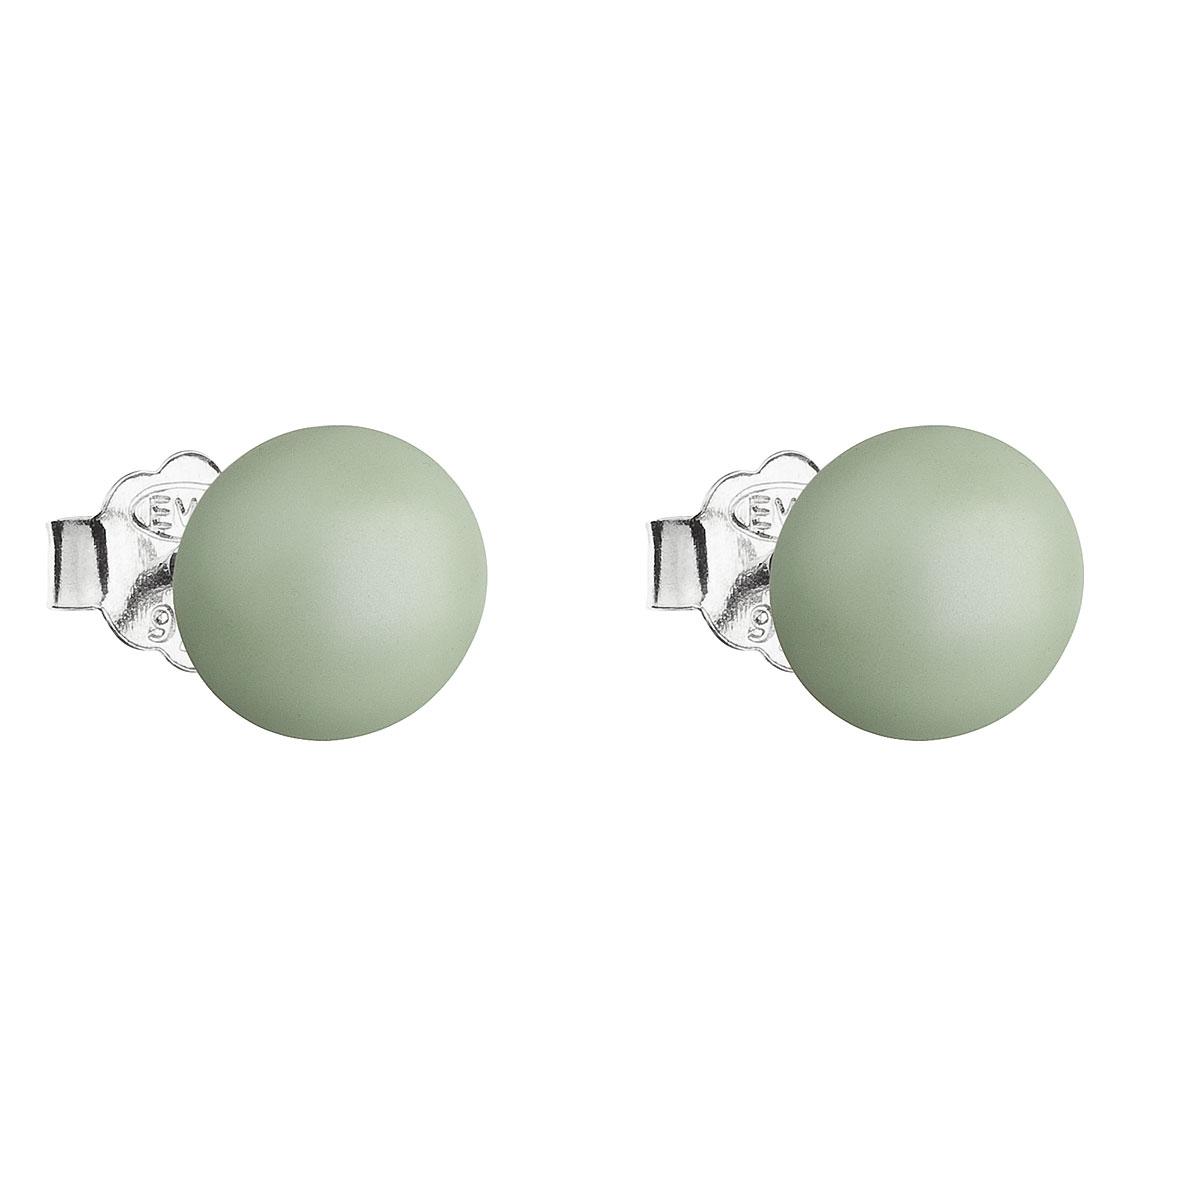 Evolution Group Stříbrné náušnice pecka s perlou Swarovski zelené kulaté 31142.3 pastel green